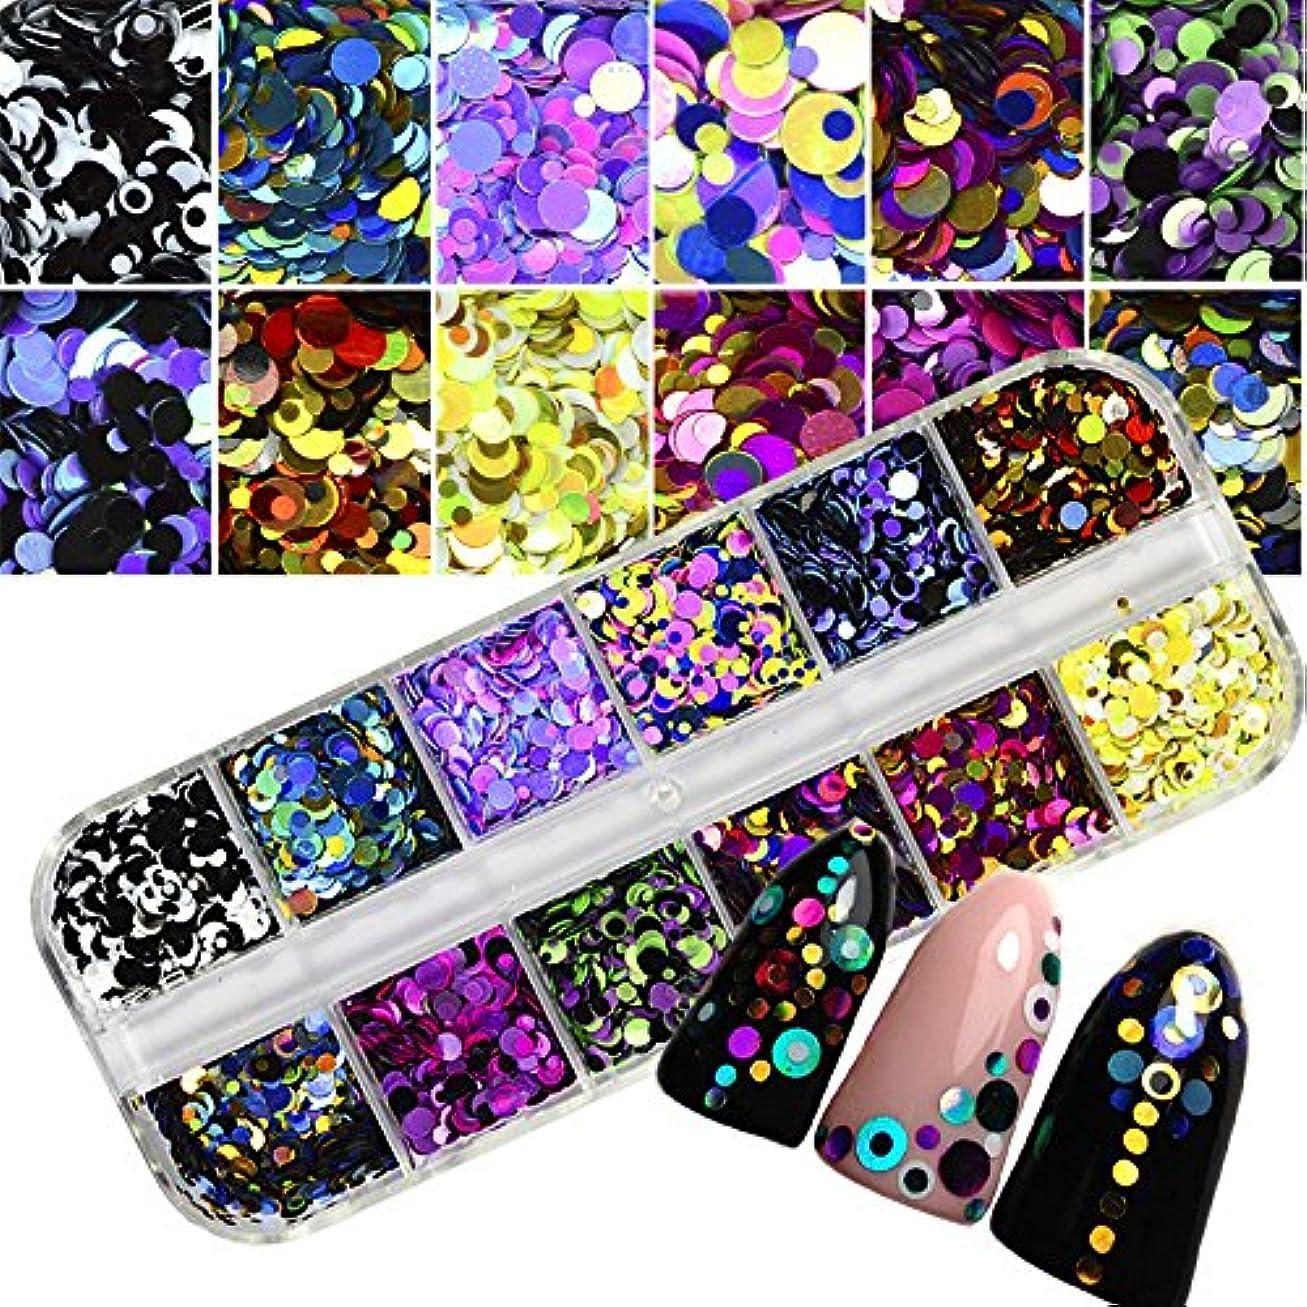 船形親指正確1 Set Dazzling Round Nail Glitter Sequins Dust Mixed 12 Grids 1/2/3mm DIY Charm Polish Flakes Decorations Manicure...